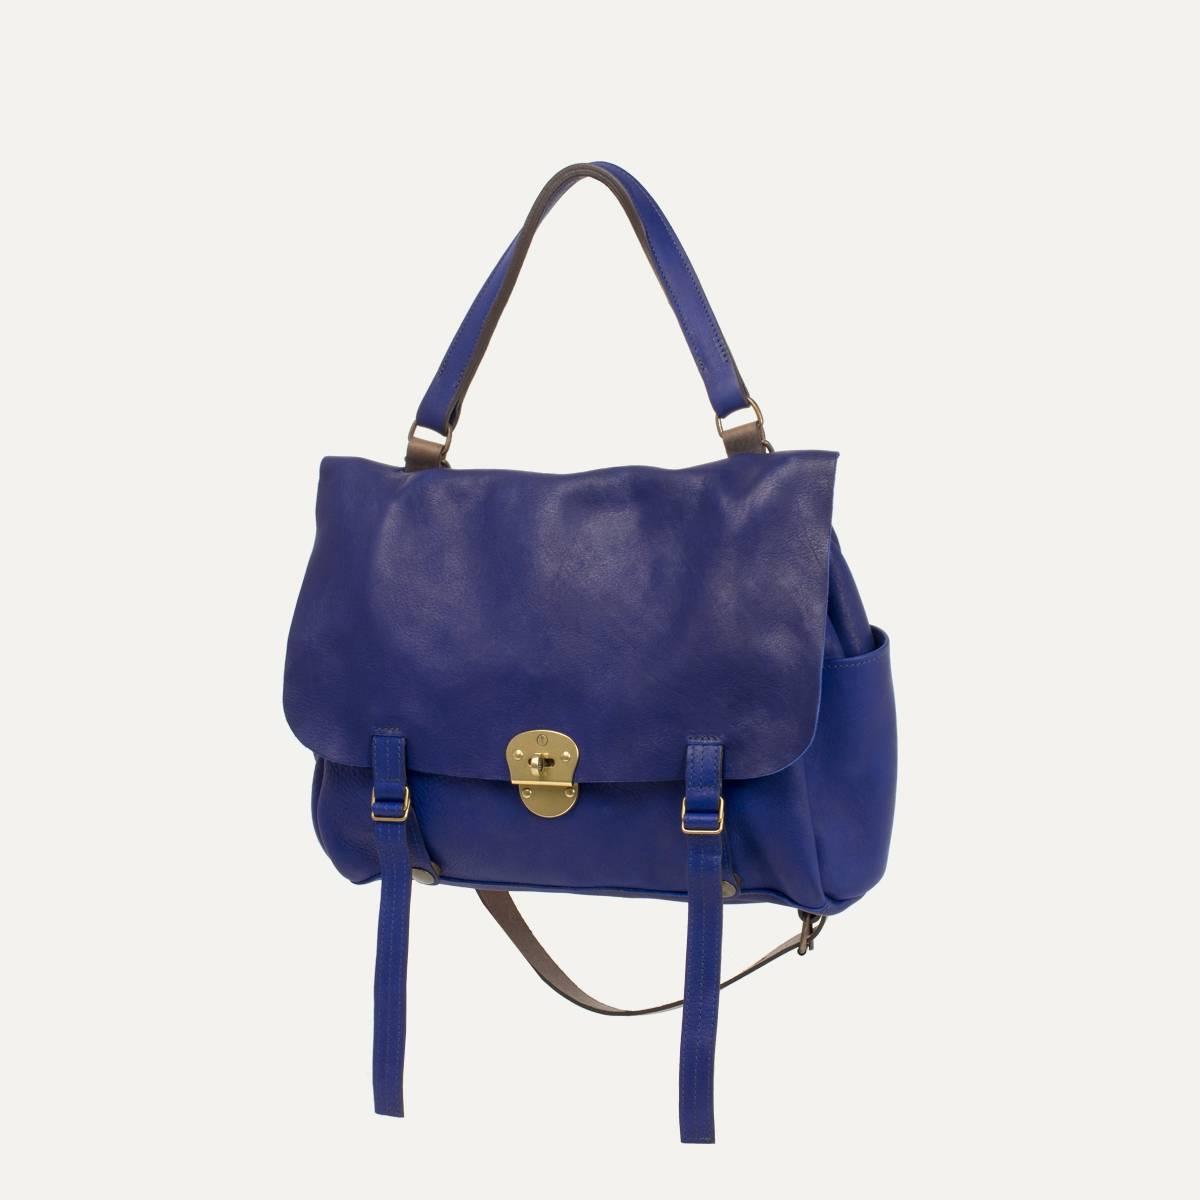 Coline bag M - Blue (image n°4)